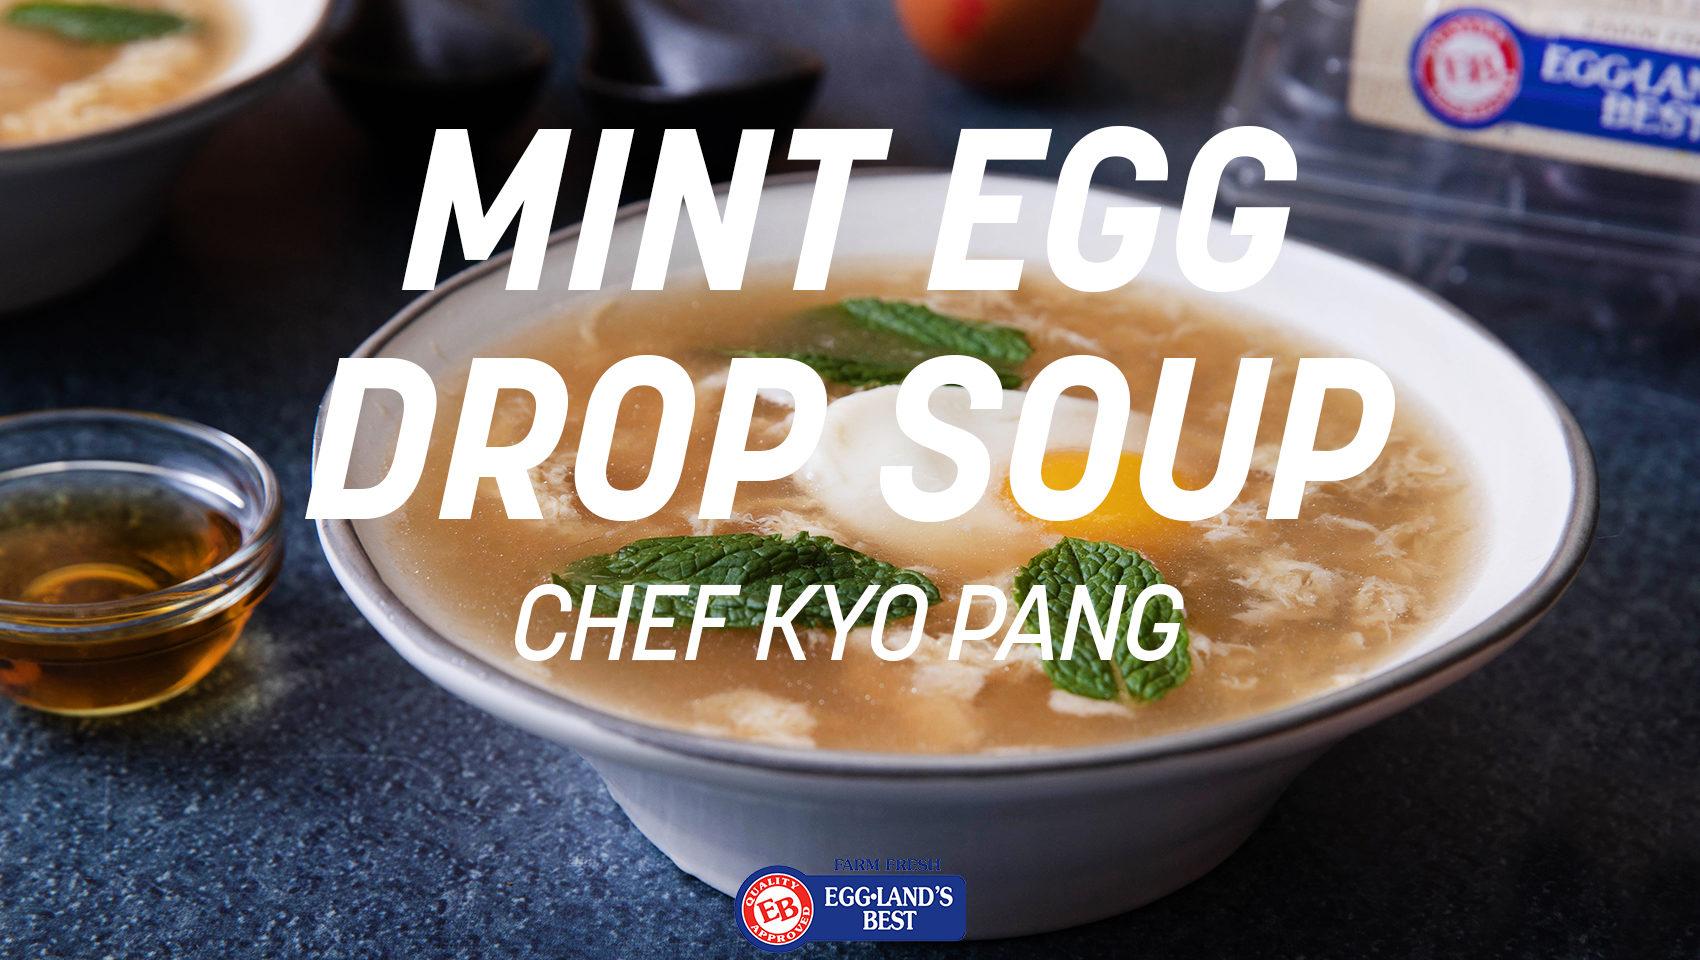 Mint Egg Drop Soup Website YT Cover